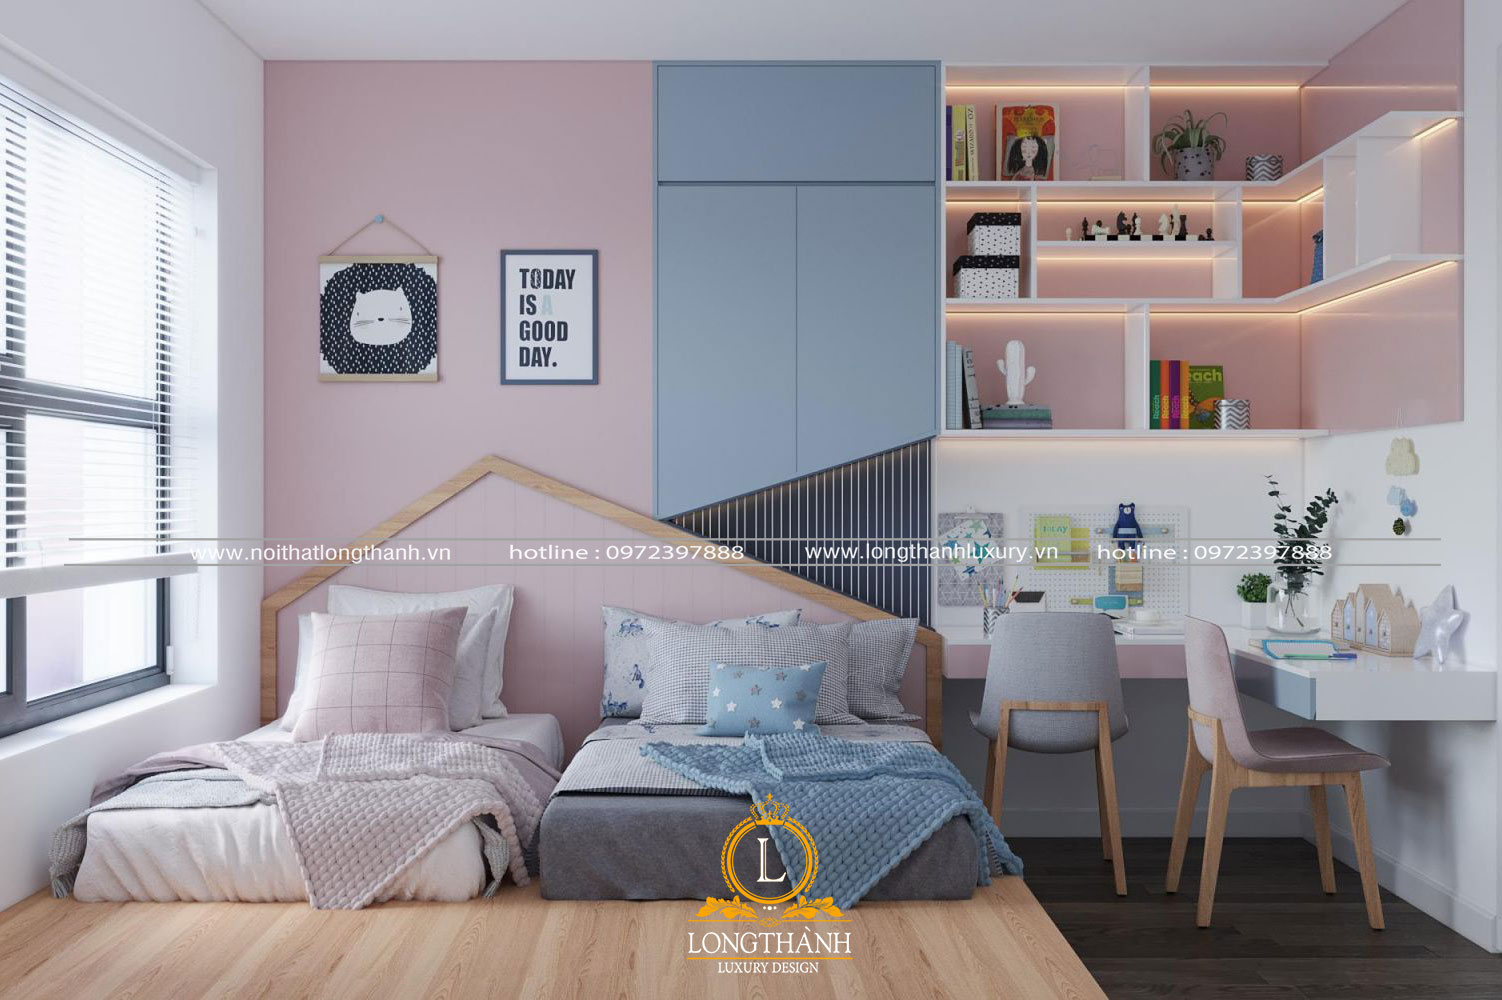 Phòng ngủ đôi cho 2 bé cho chưng cư hiện đại